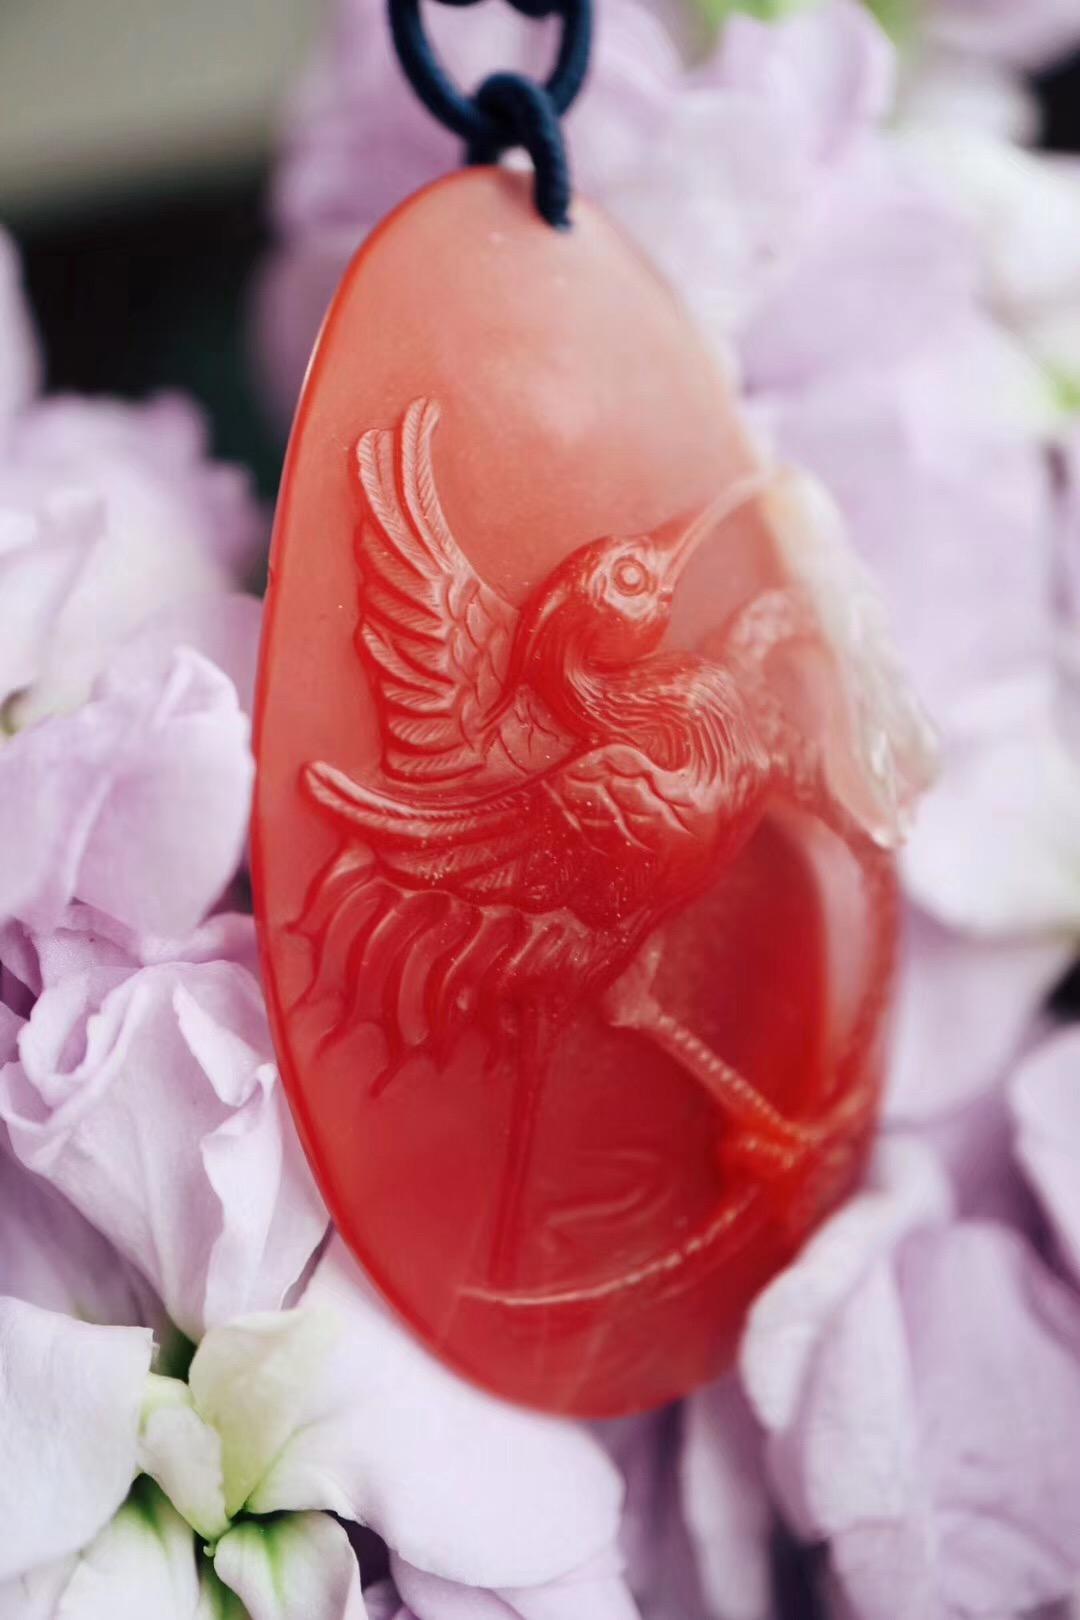 【菩心-南红玛瑙】雕刻仙鹤荷花的冰飘俏色南红寓意合和-菩心晶舍